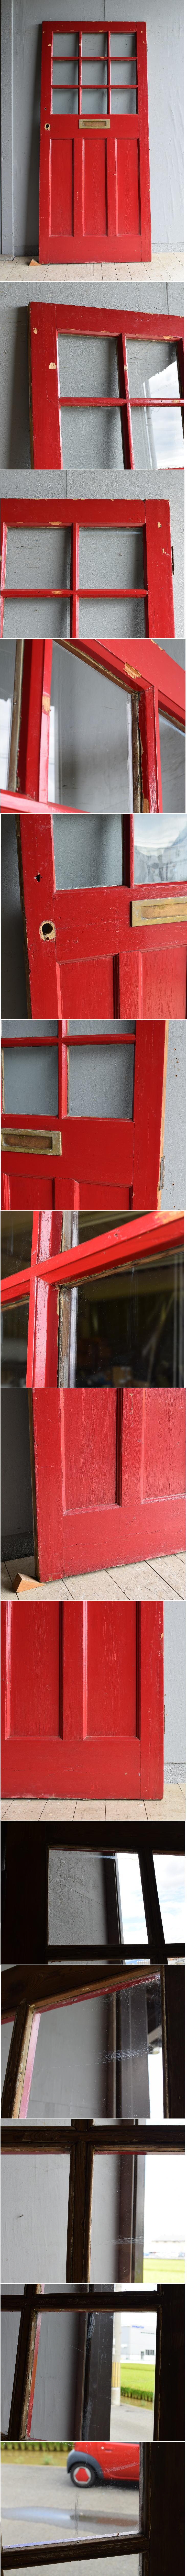 イギリス アンティーク ドア 扉 建具 8230